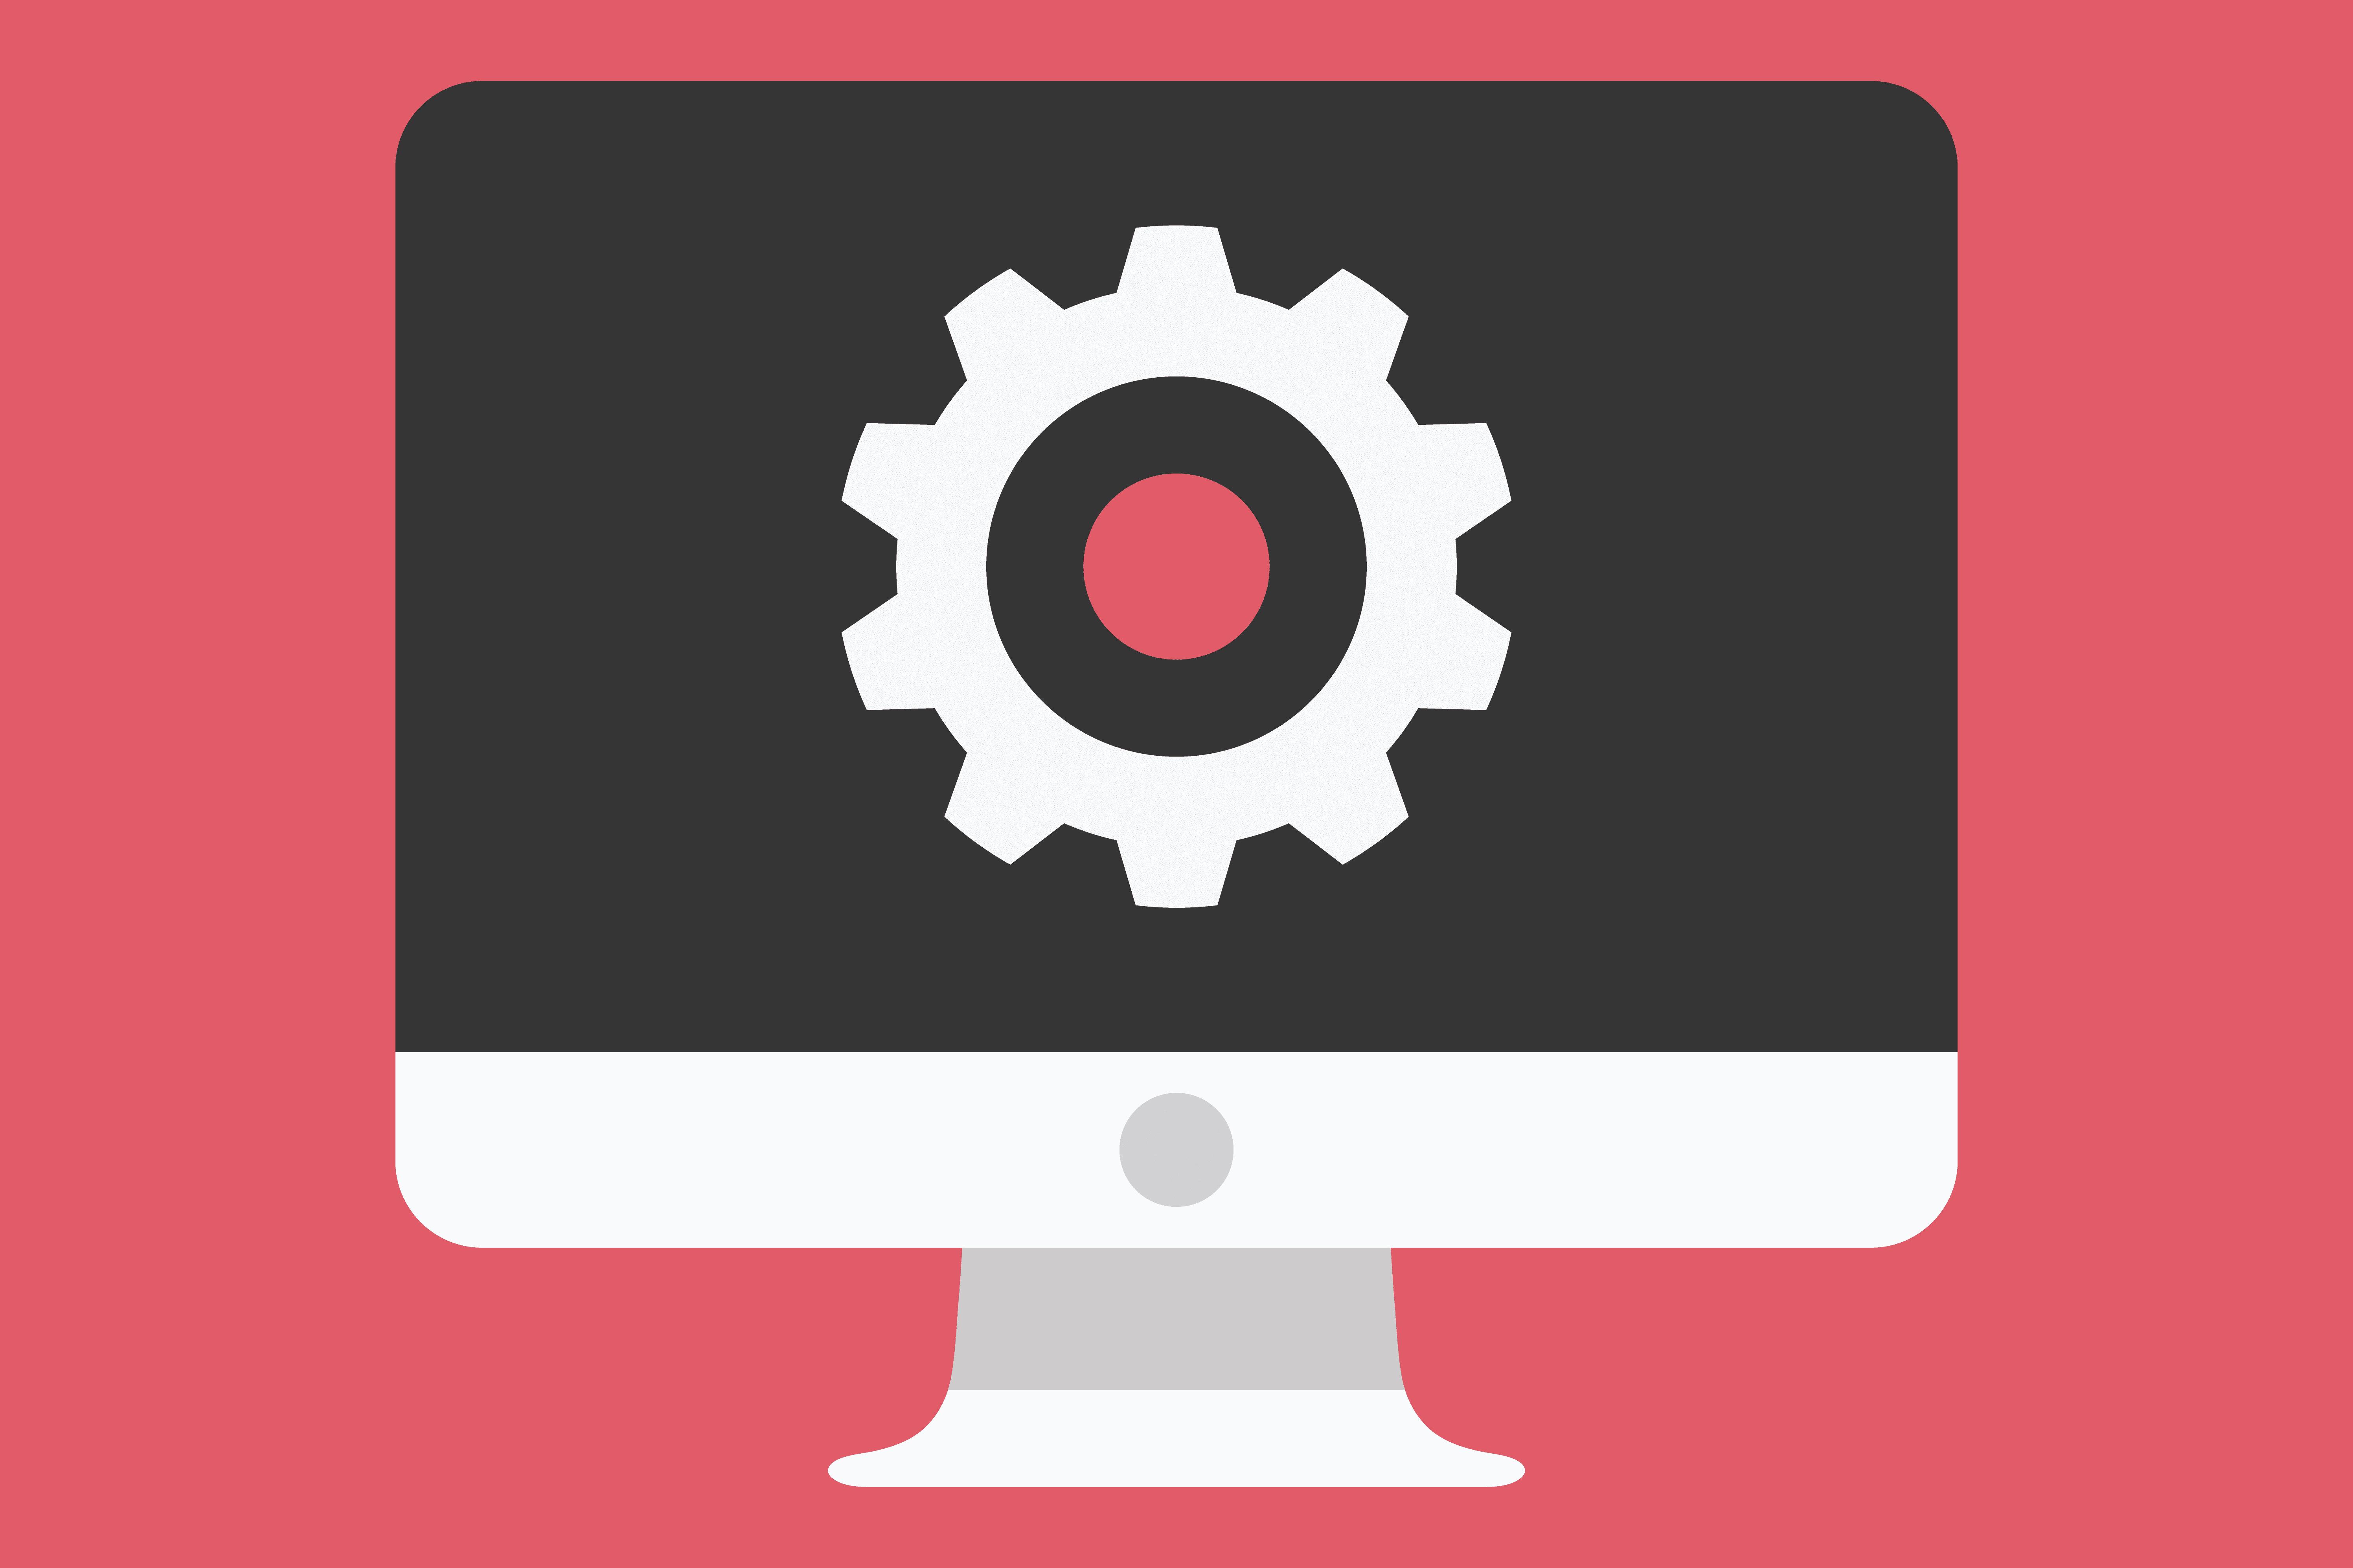 Computer hardware test